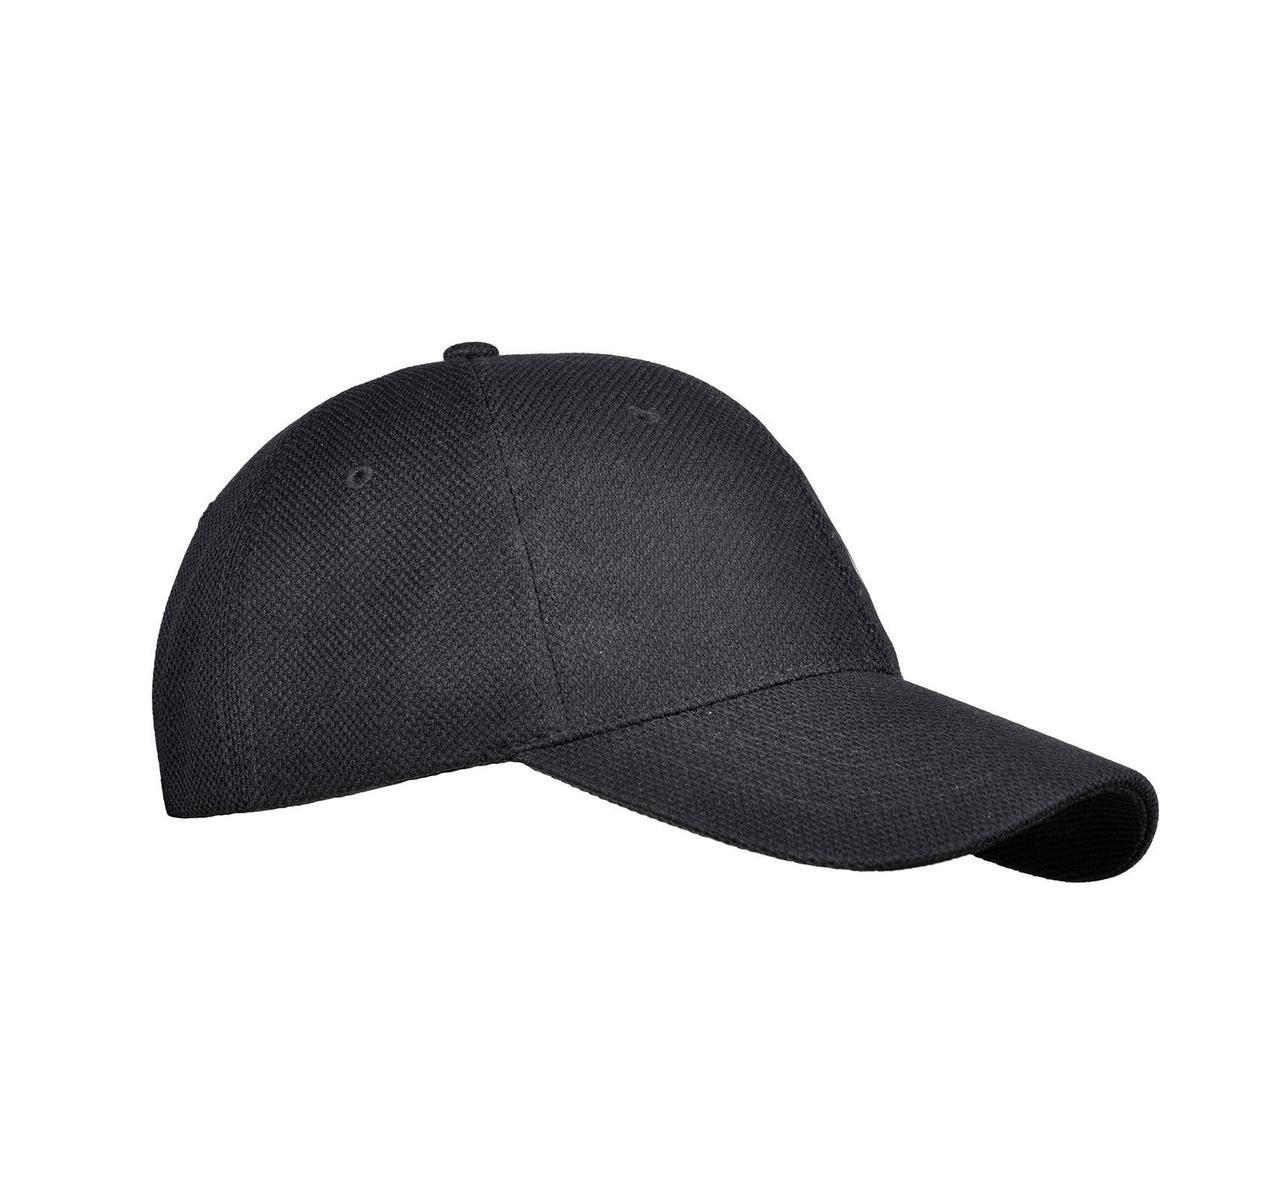 Кепка Comfort, TM Floyd, черная